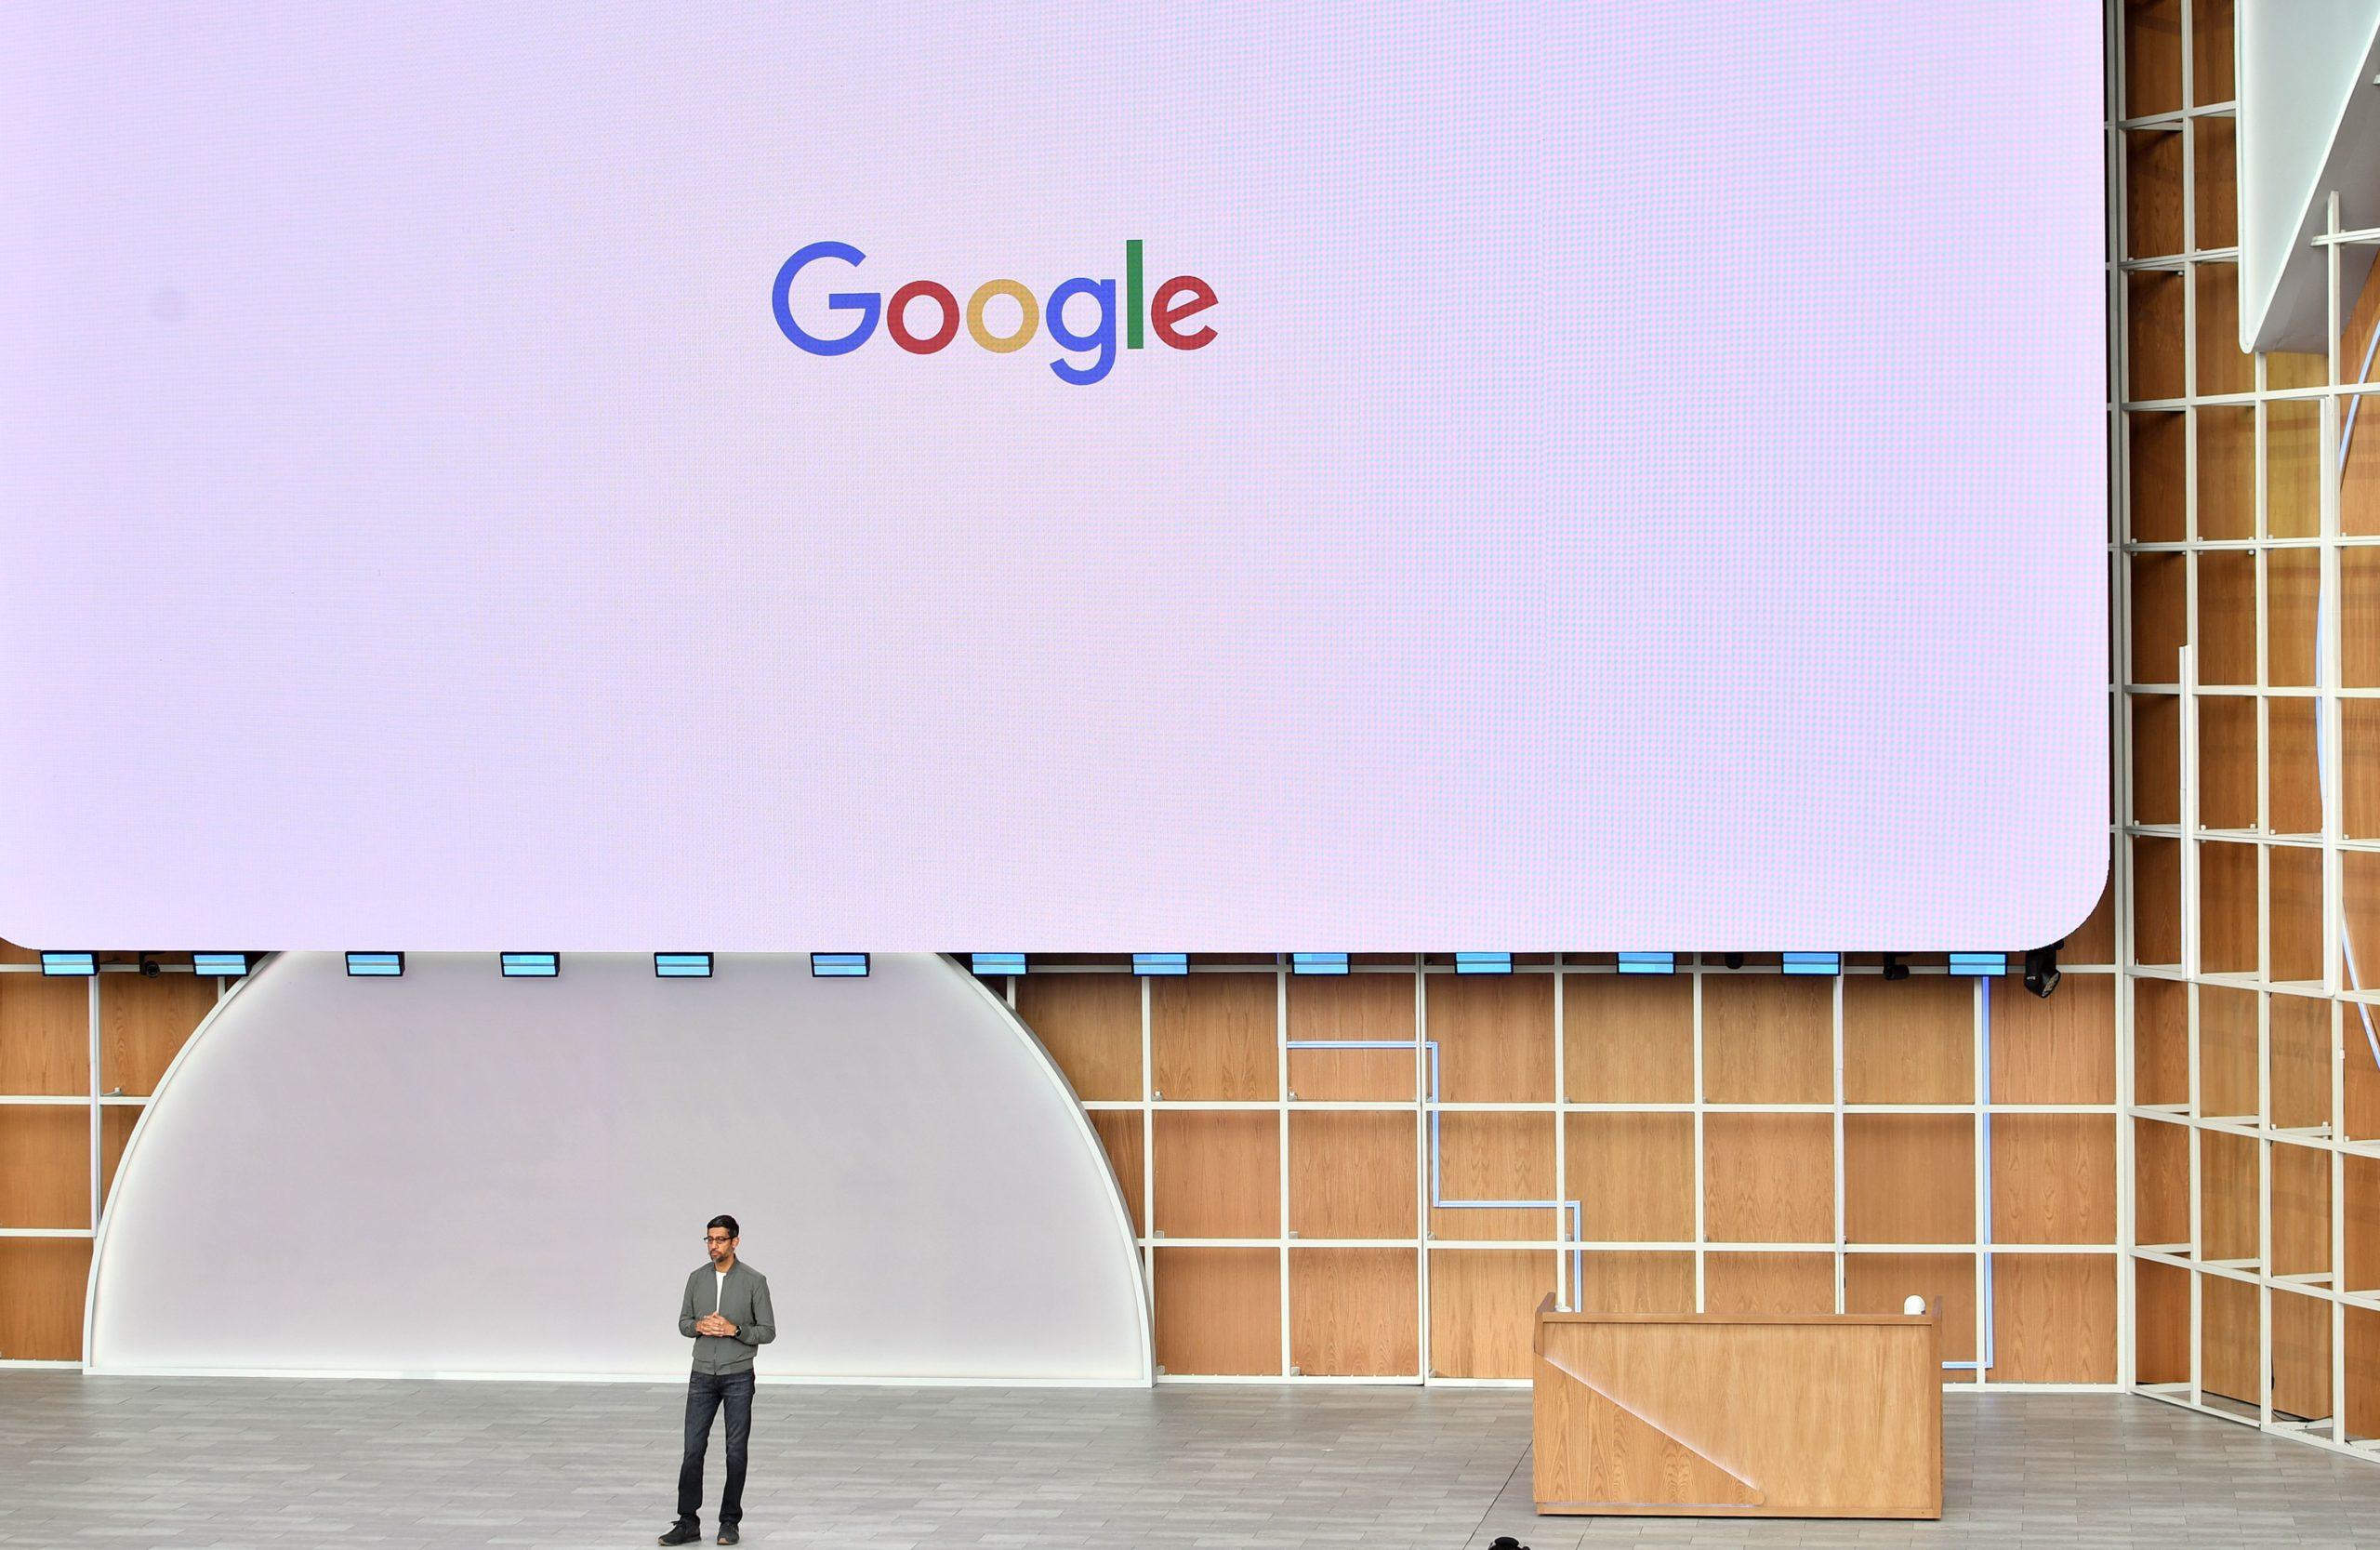 Google I/O Event